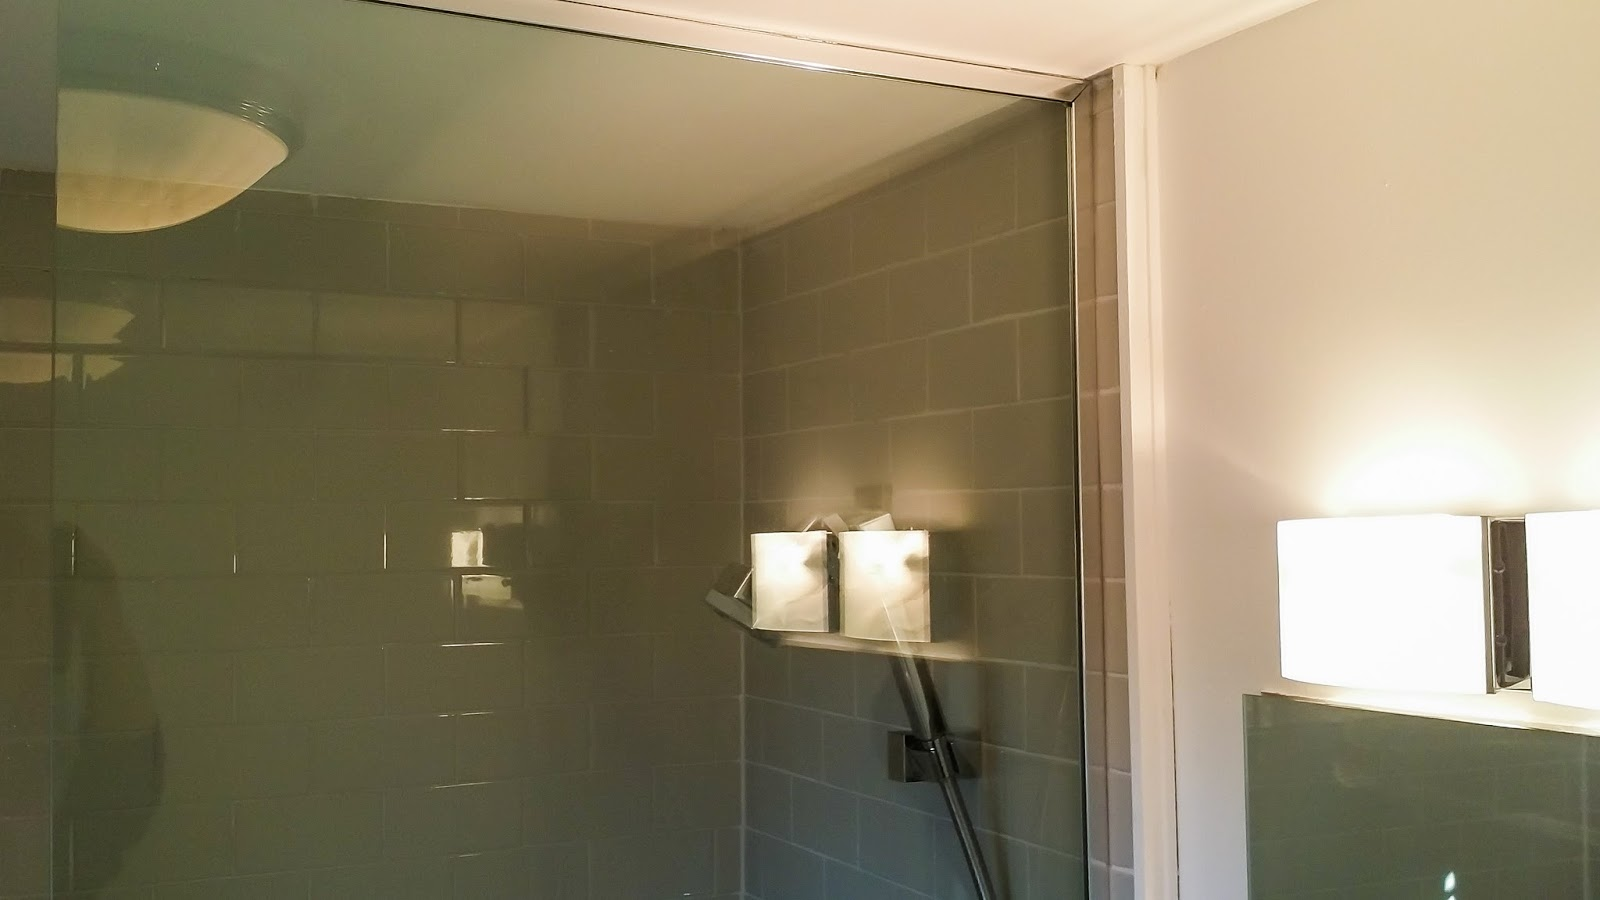 Showerdoorny Sliding Shower Door Installation